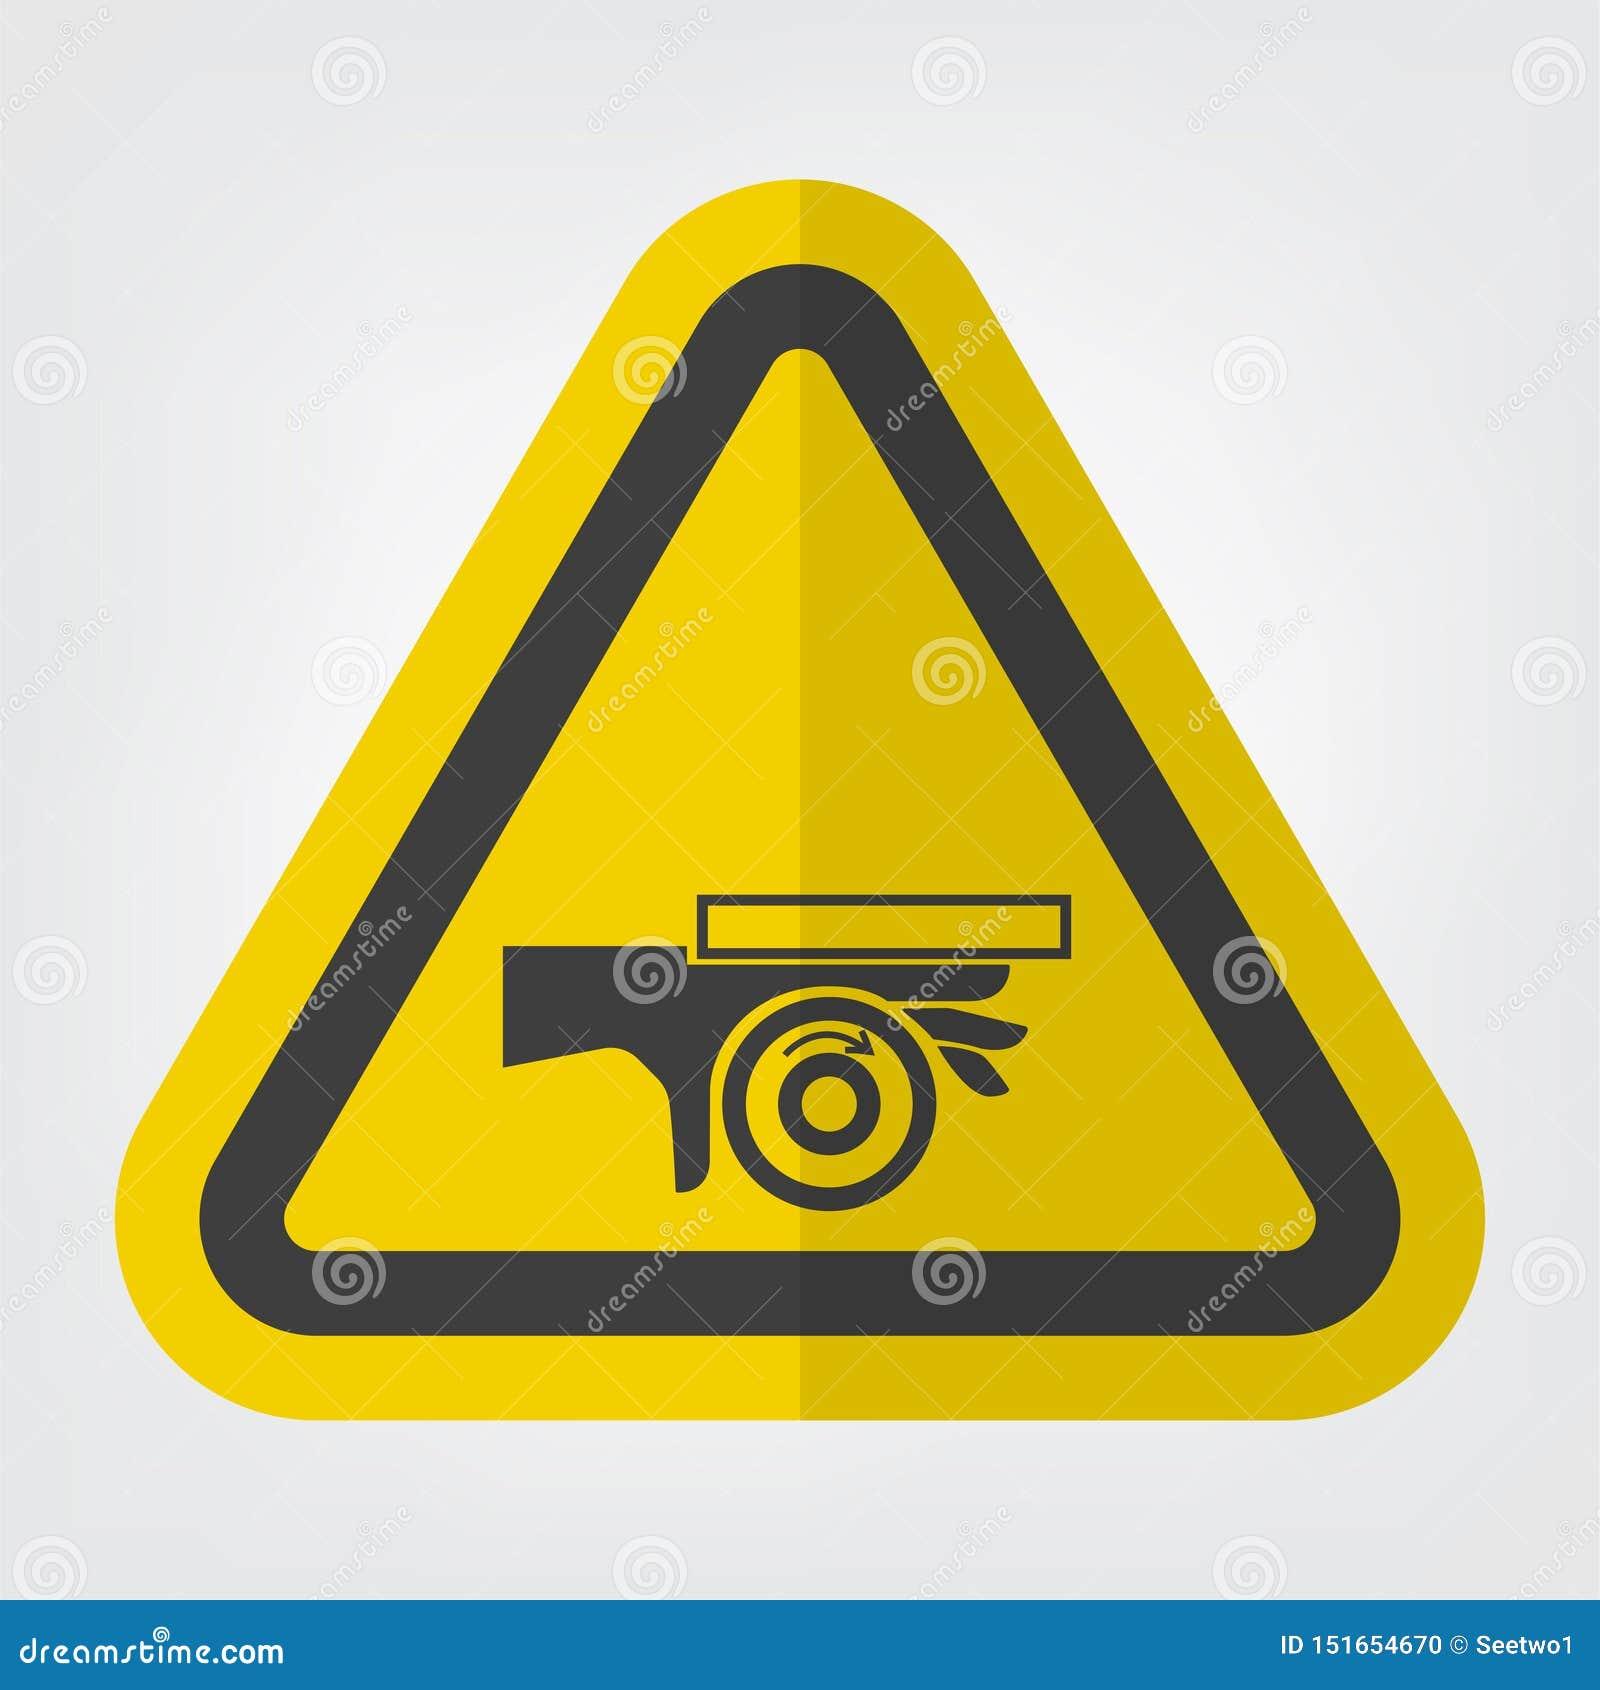 Isolado do sinal do símbolo do ponto de pitada do rolo do esmagamento da mão no fundo branco, ilustração EPS do vetor 10